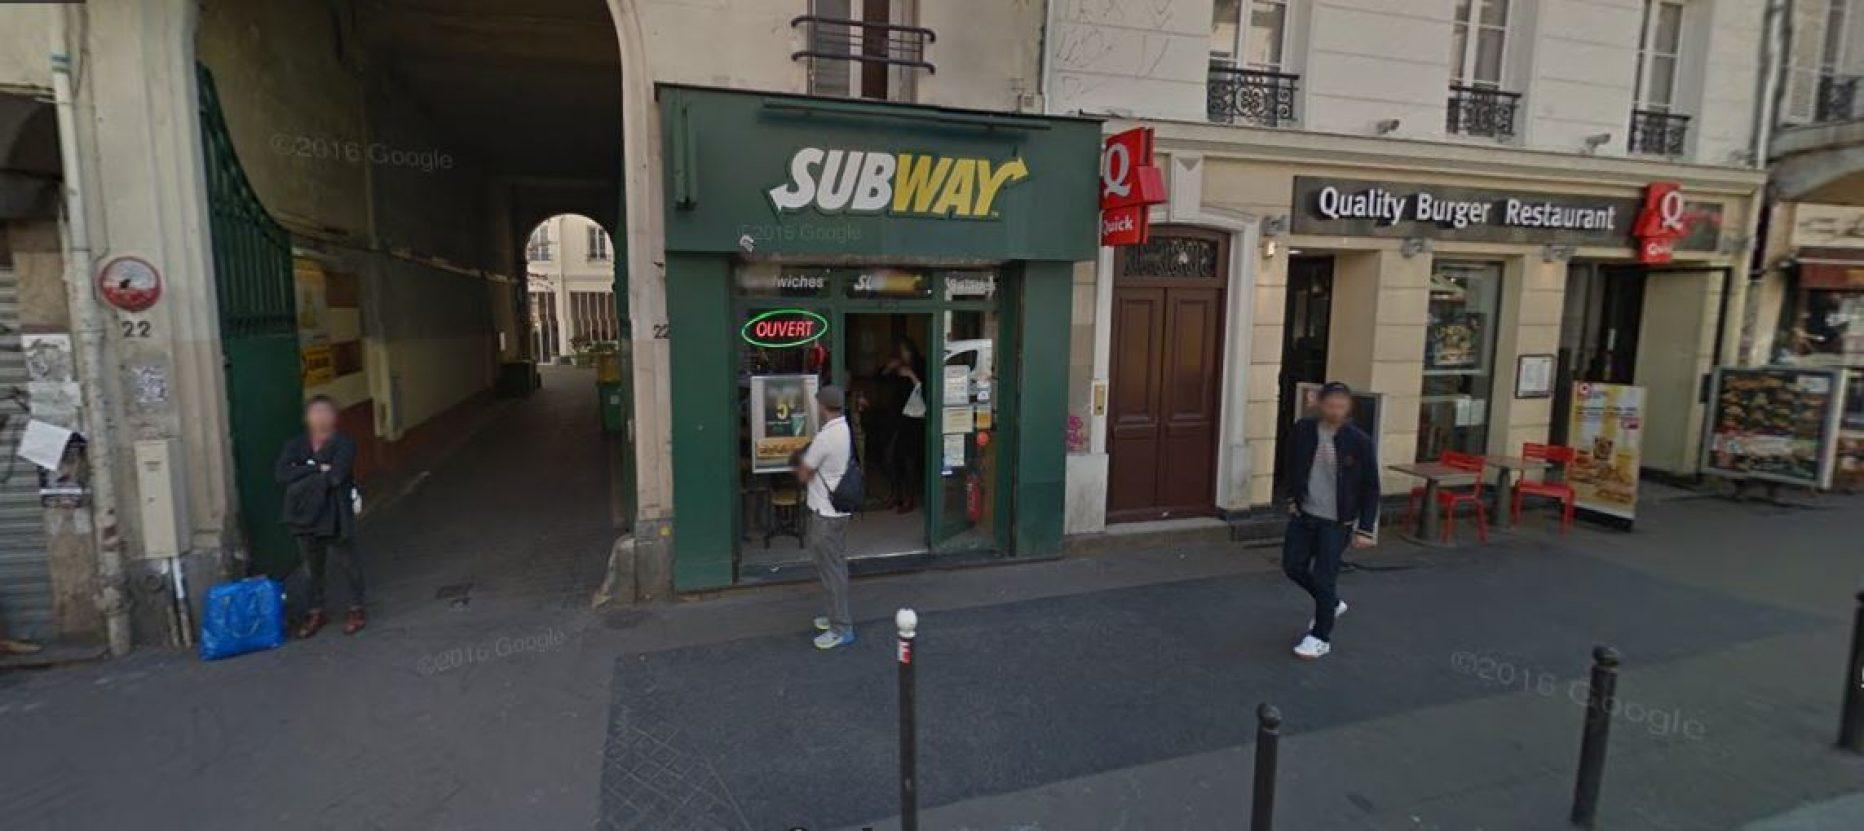 Subway Bastille